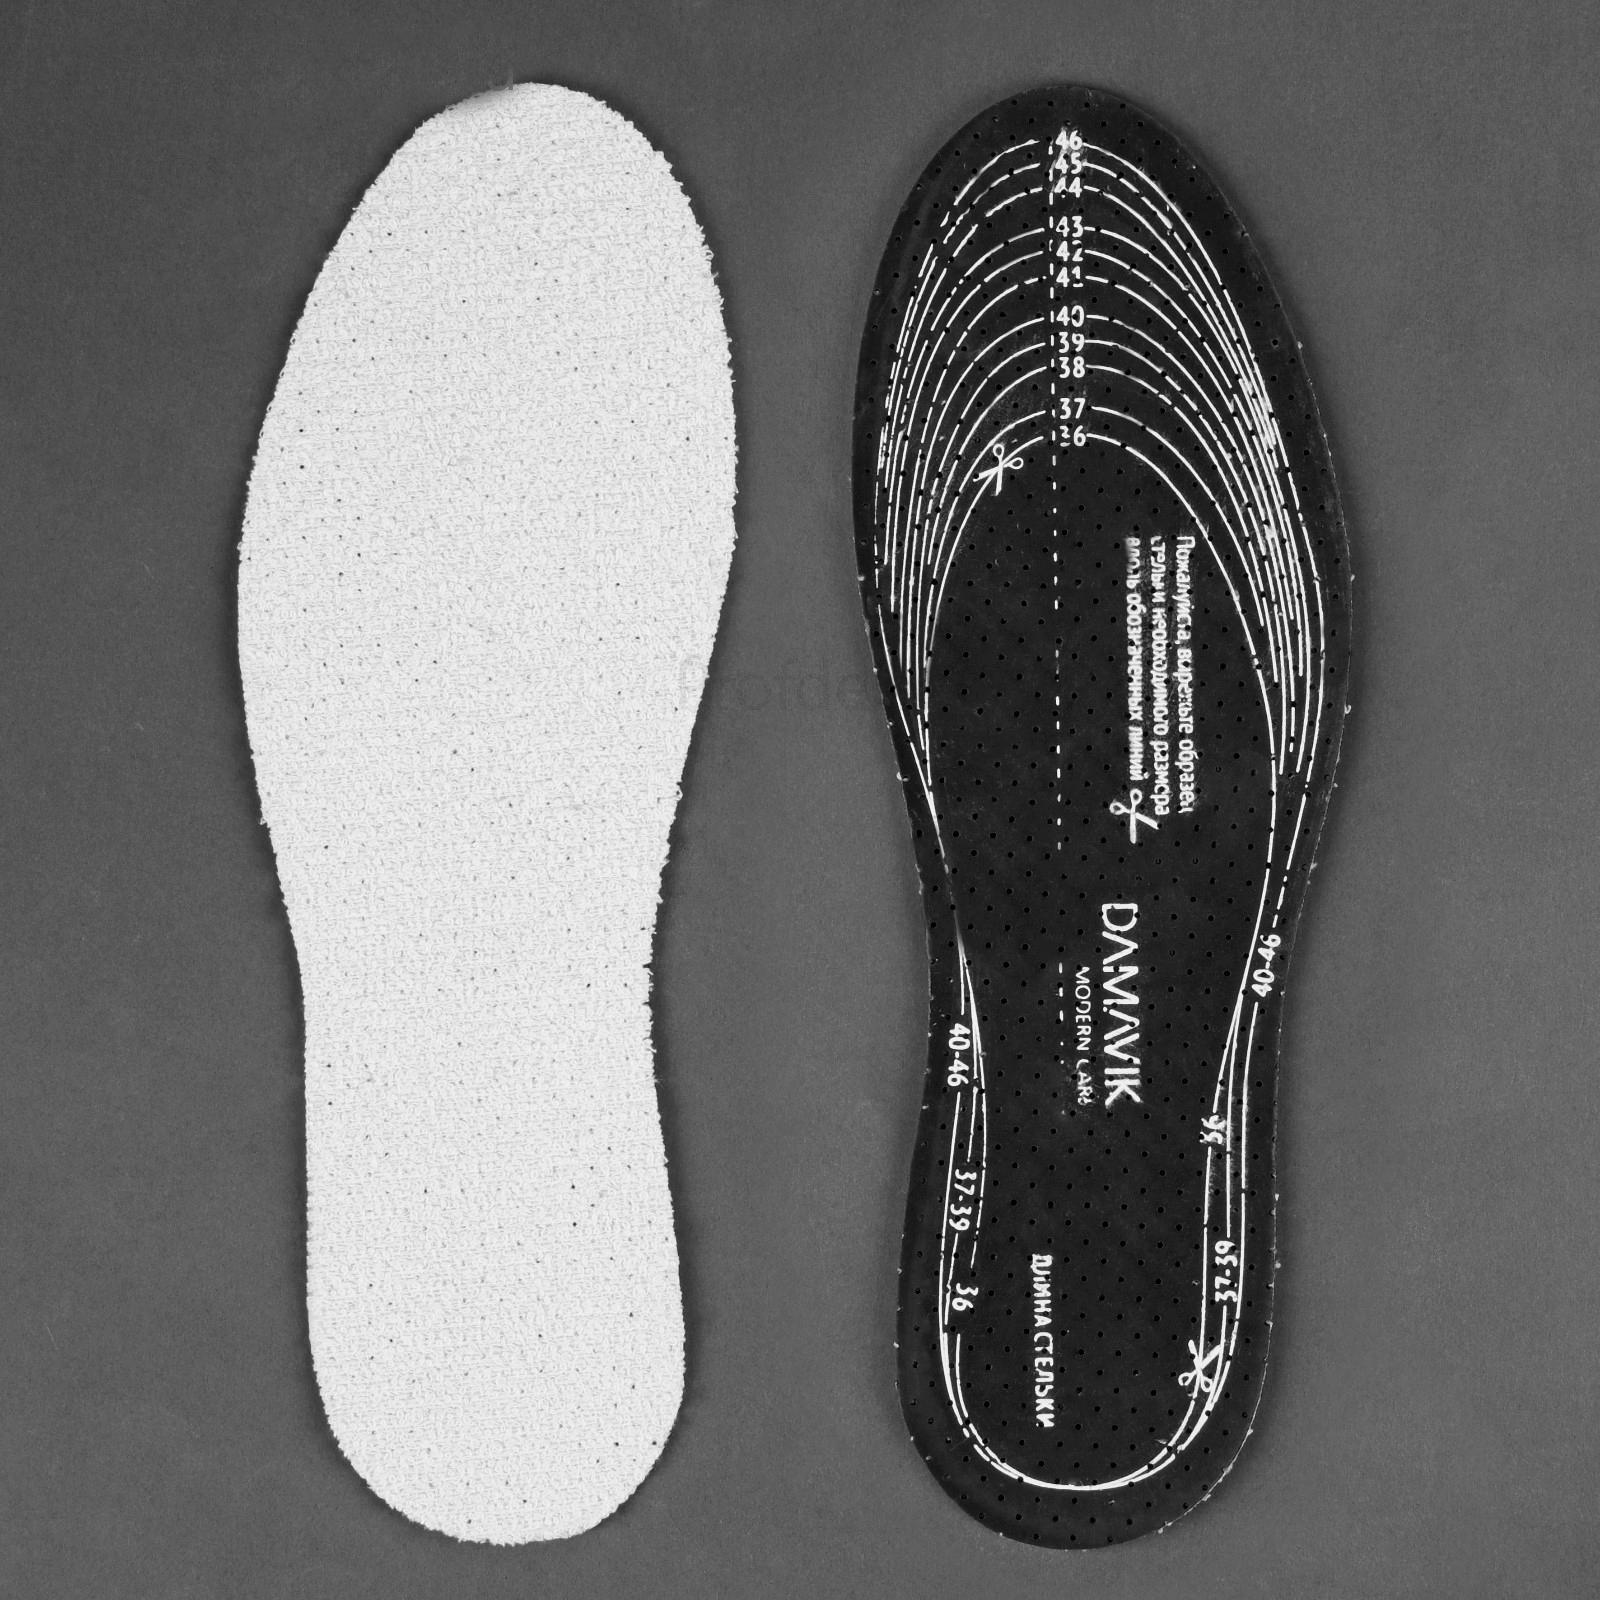 Изготовление вкладных стелек для трекинговой обуви